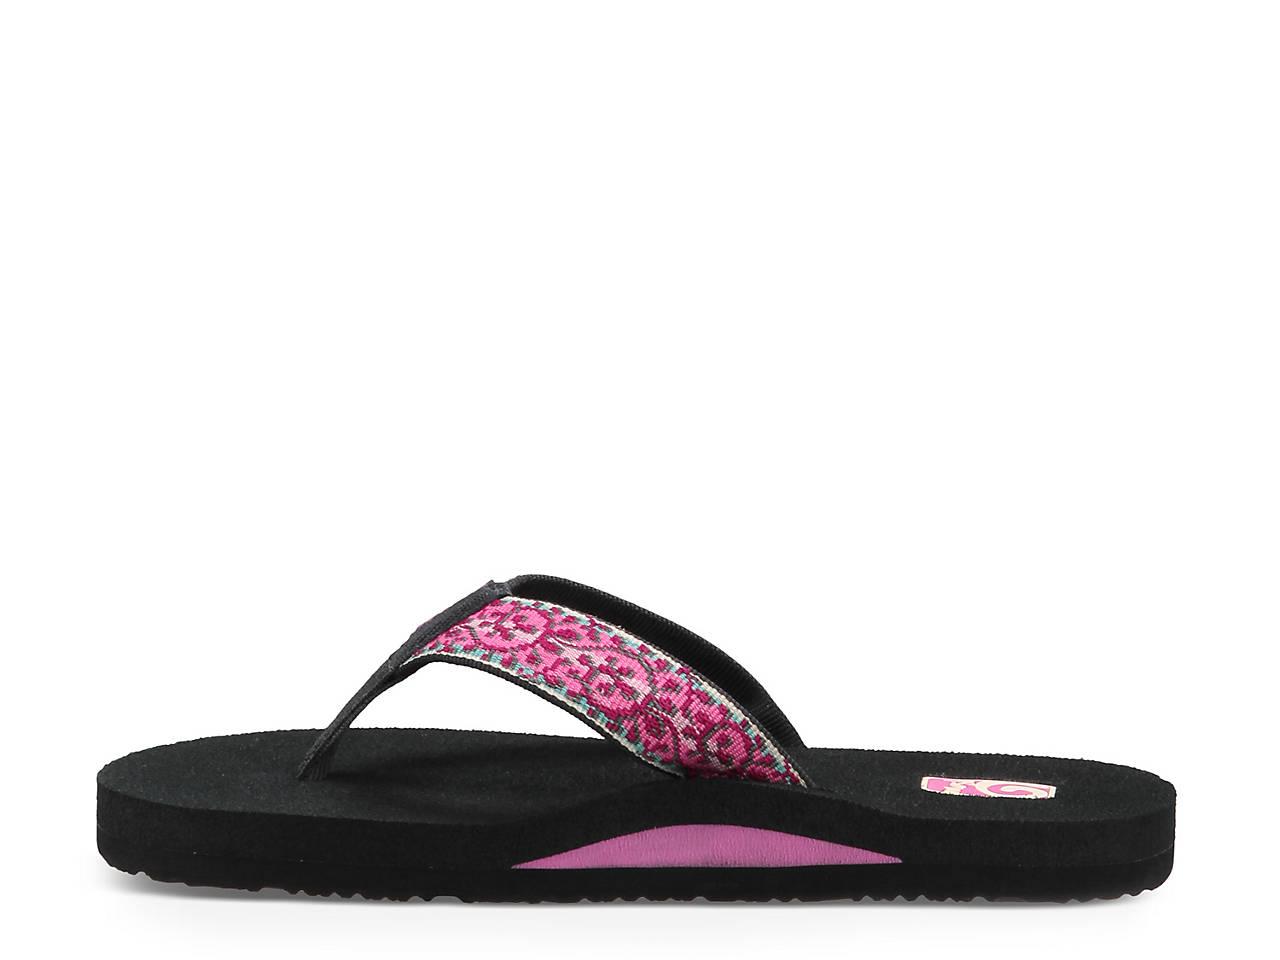 1b6916851 Teva Mush II Patterned Flip Flop Women s Shoes